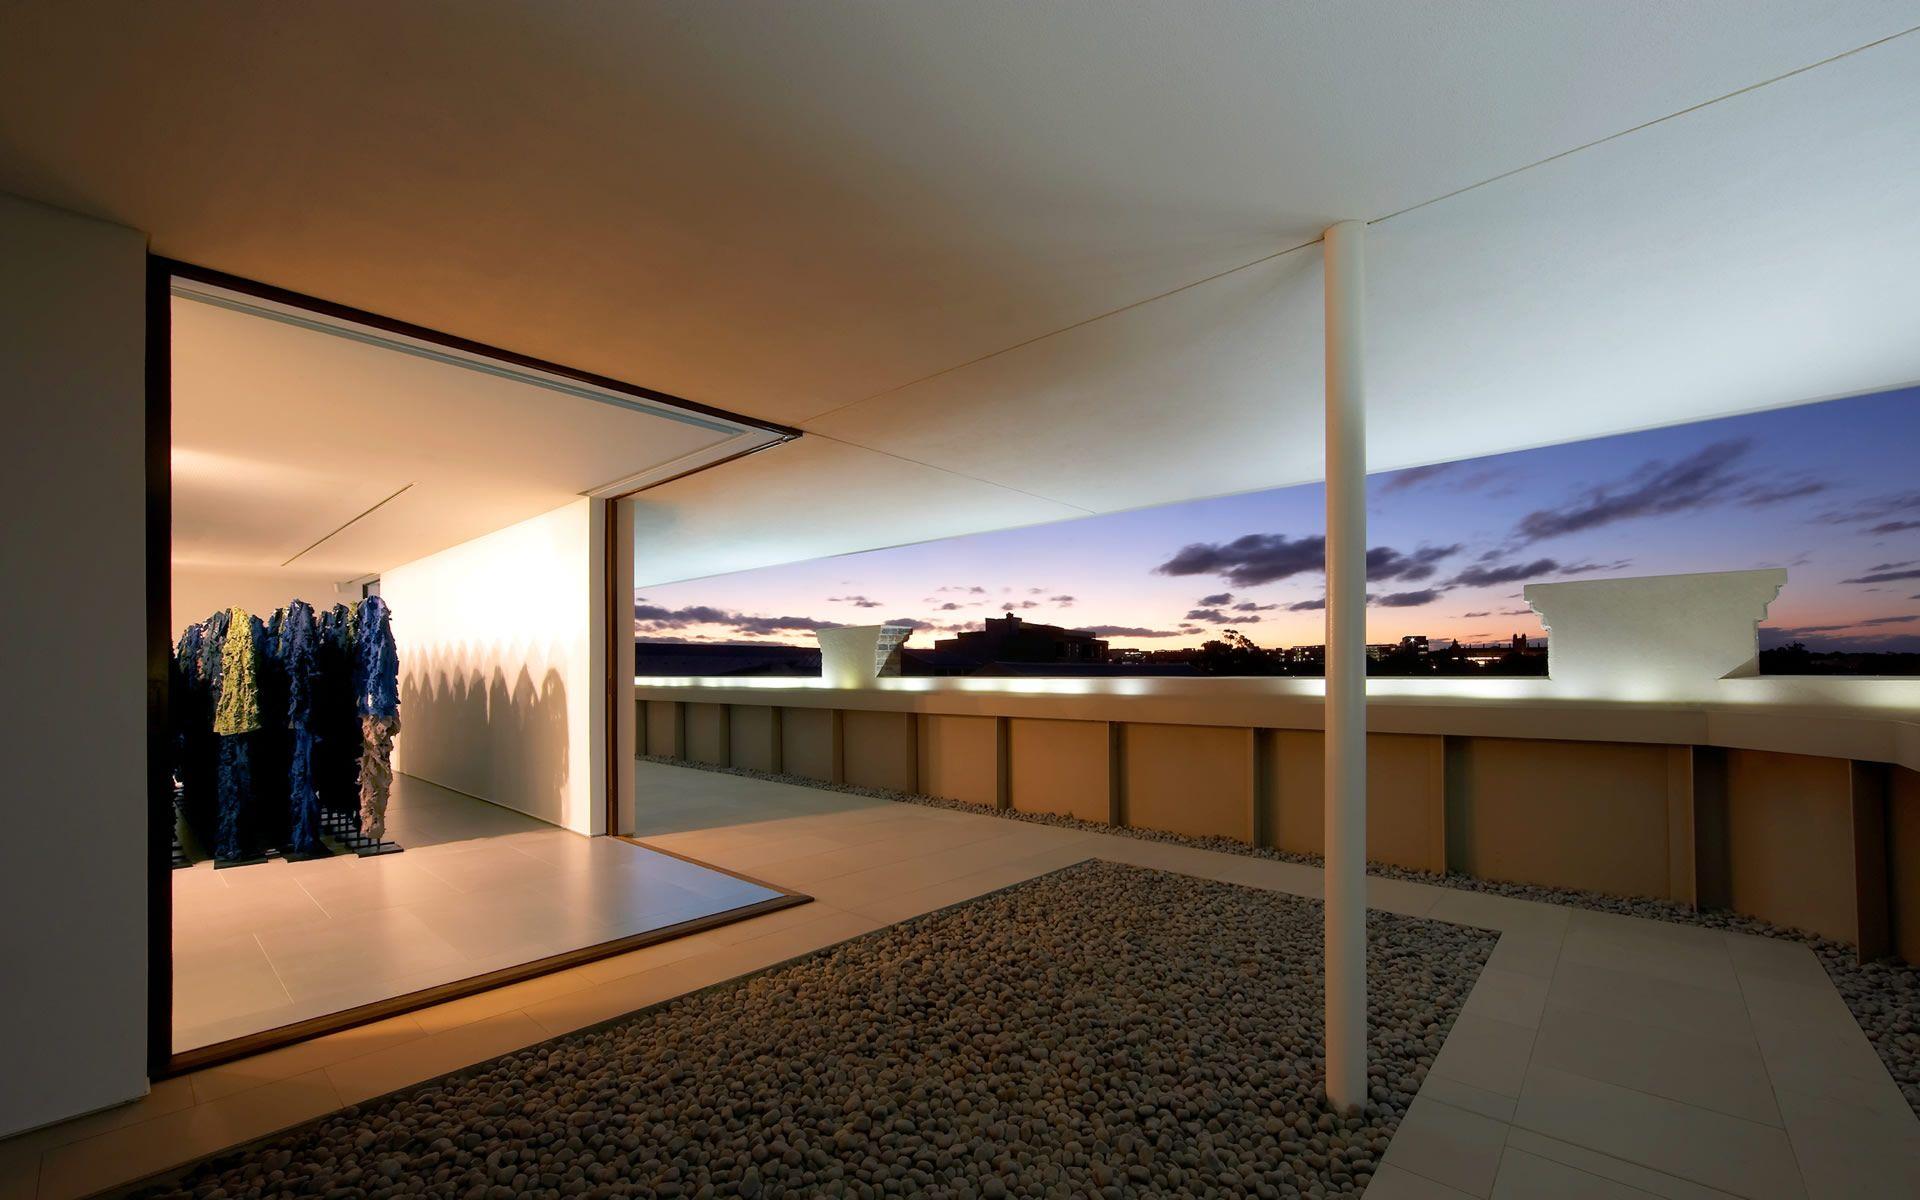 White Rabbit Gallery Sydney Australia Architect Smart